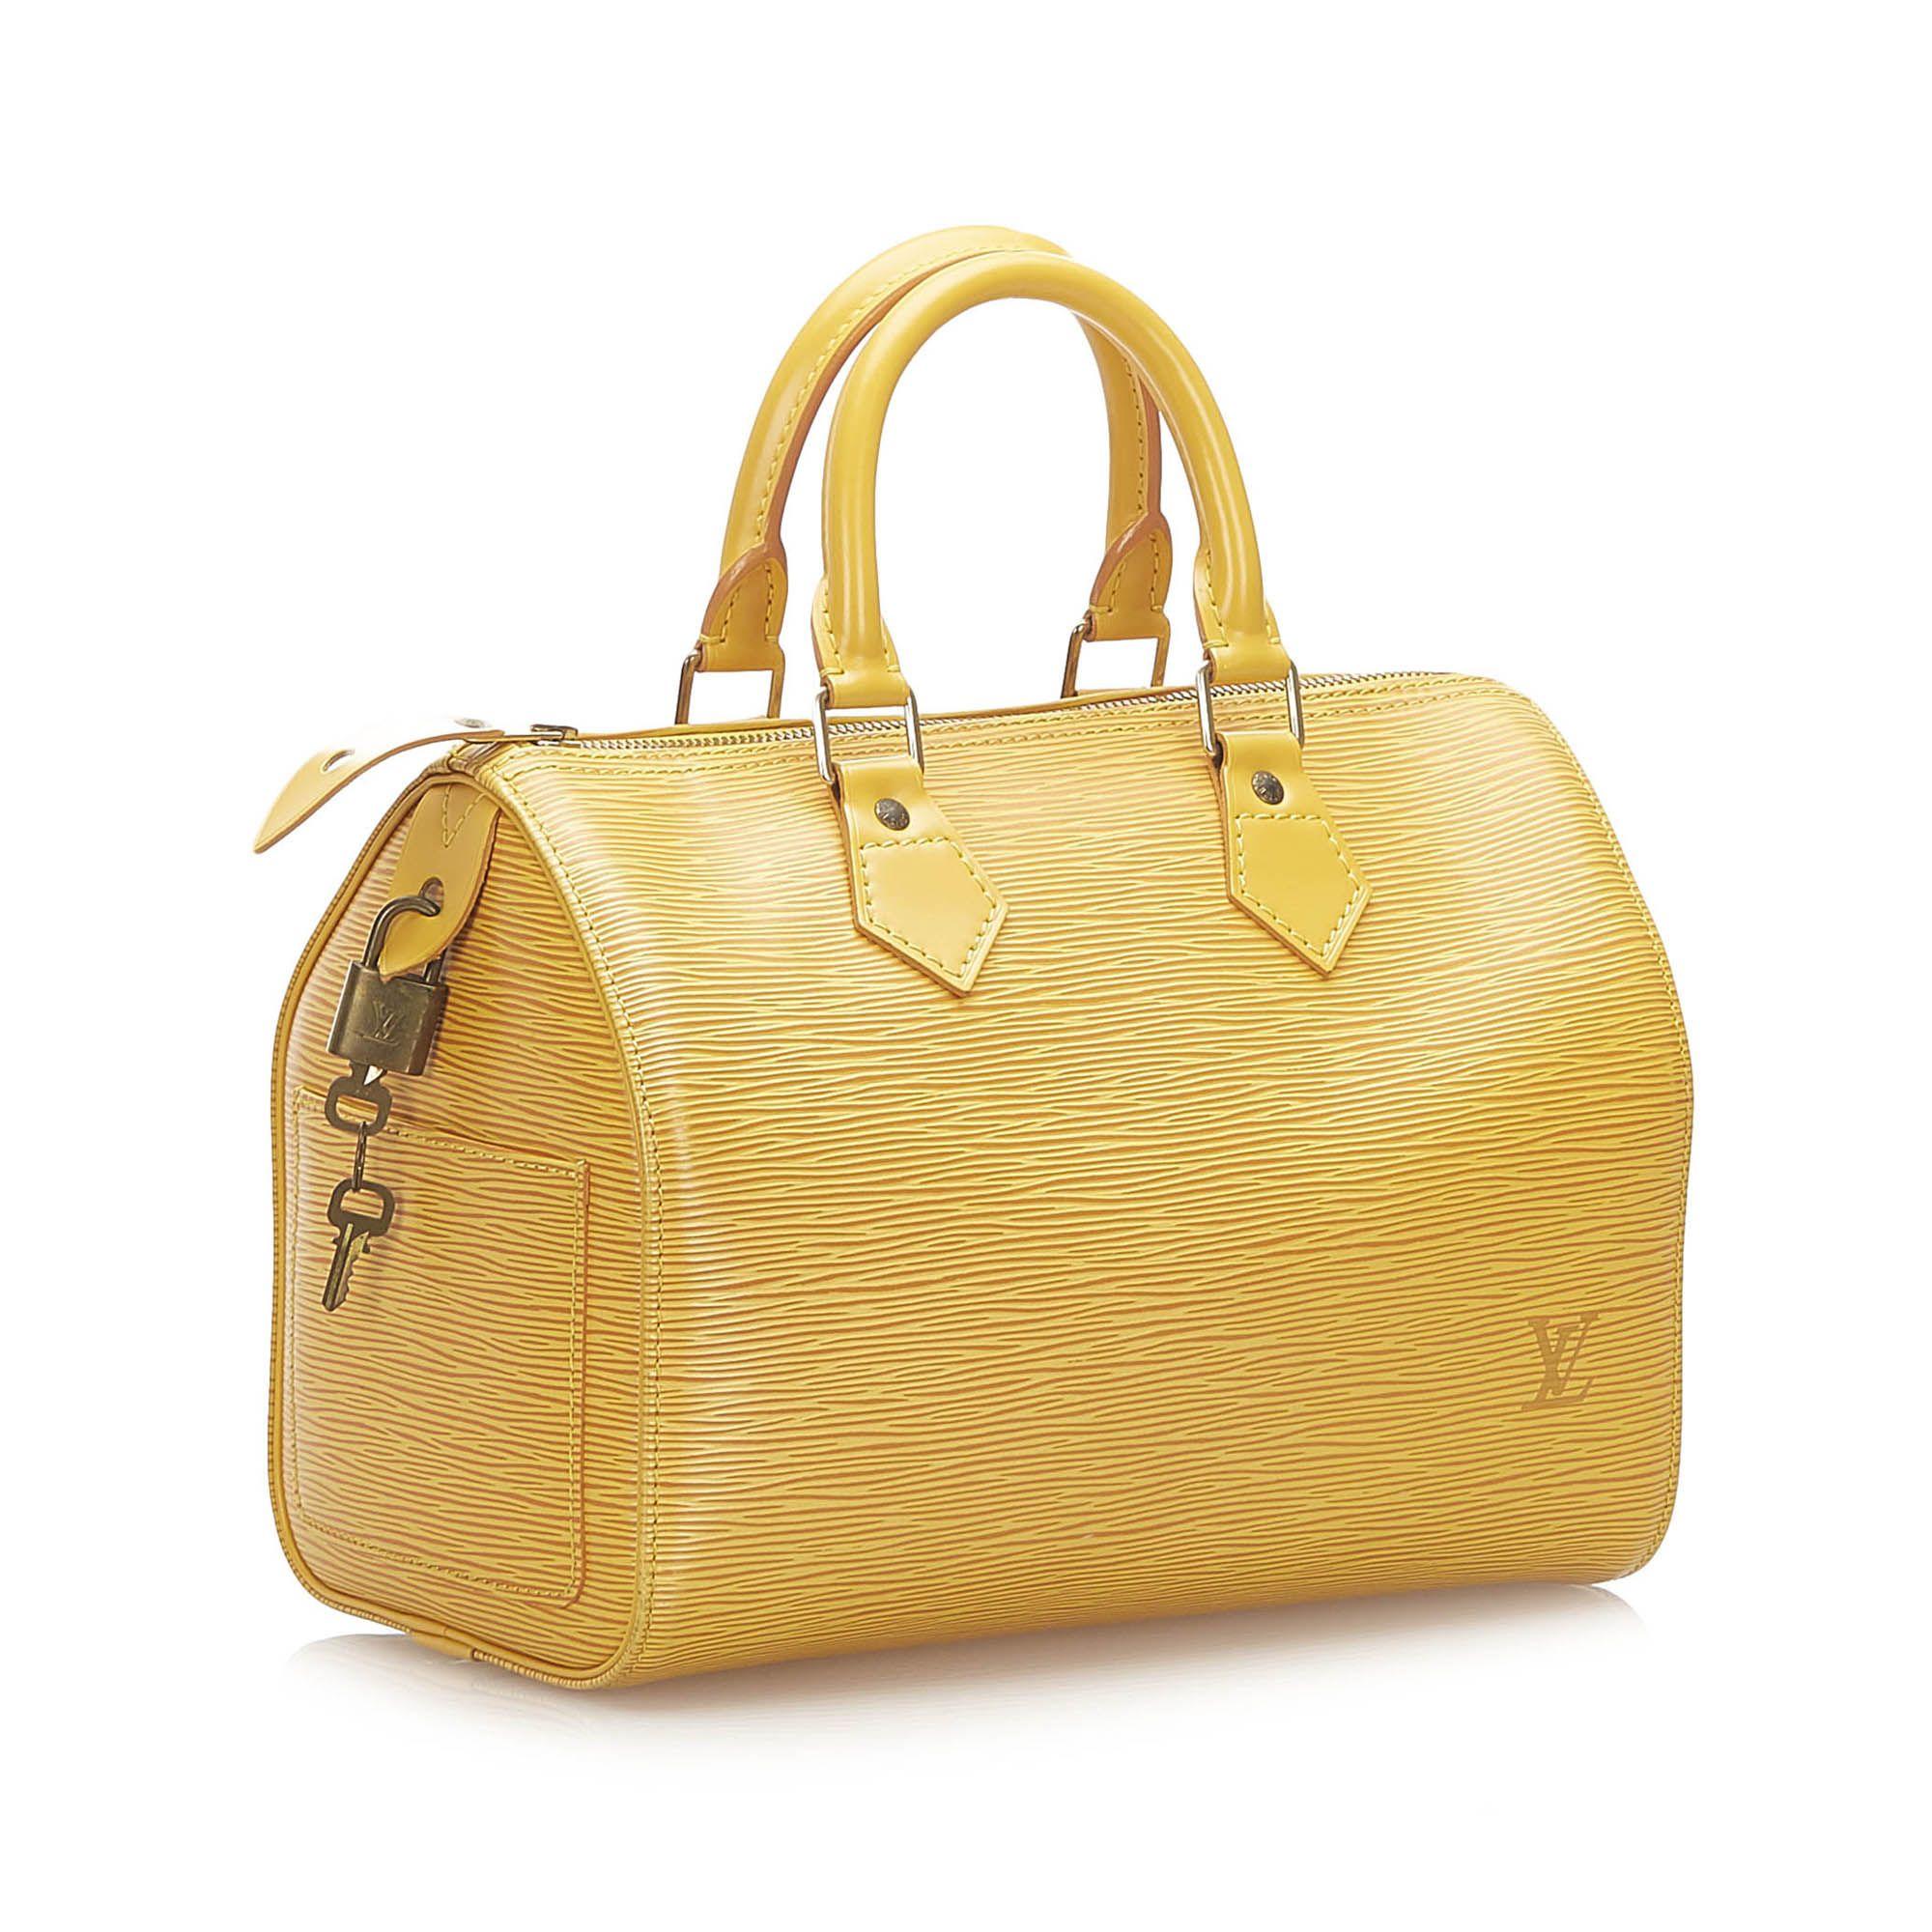 Vintage Louis Vuitton Epi Speedy 30 Yellow